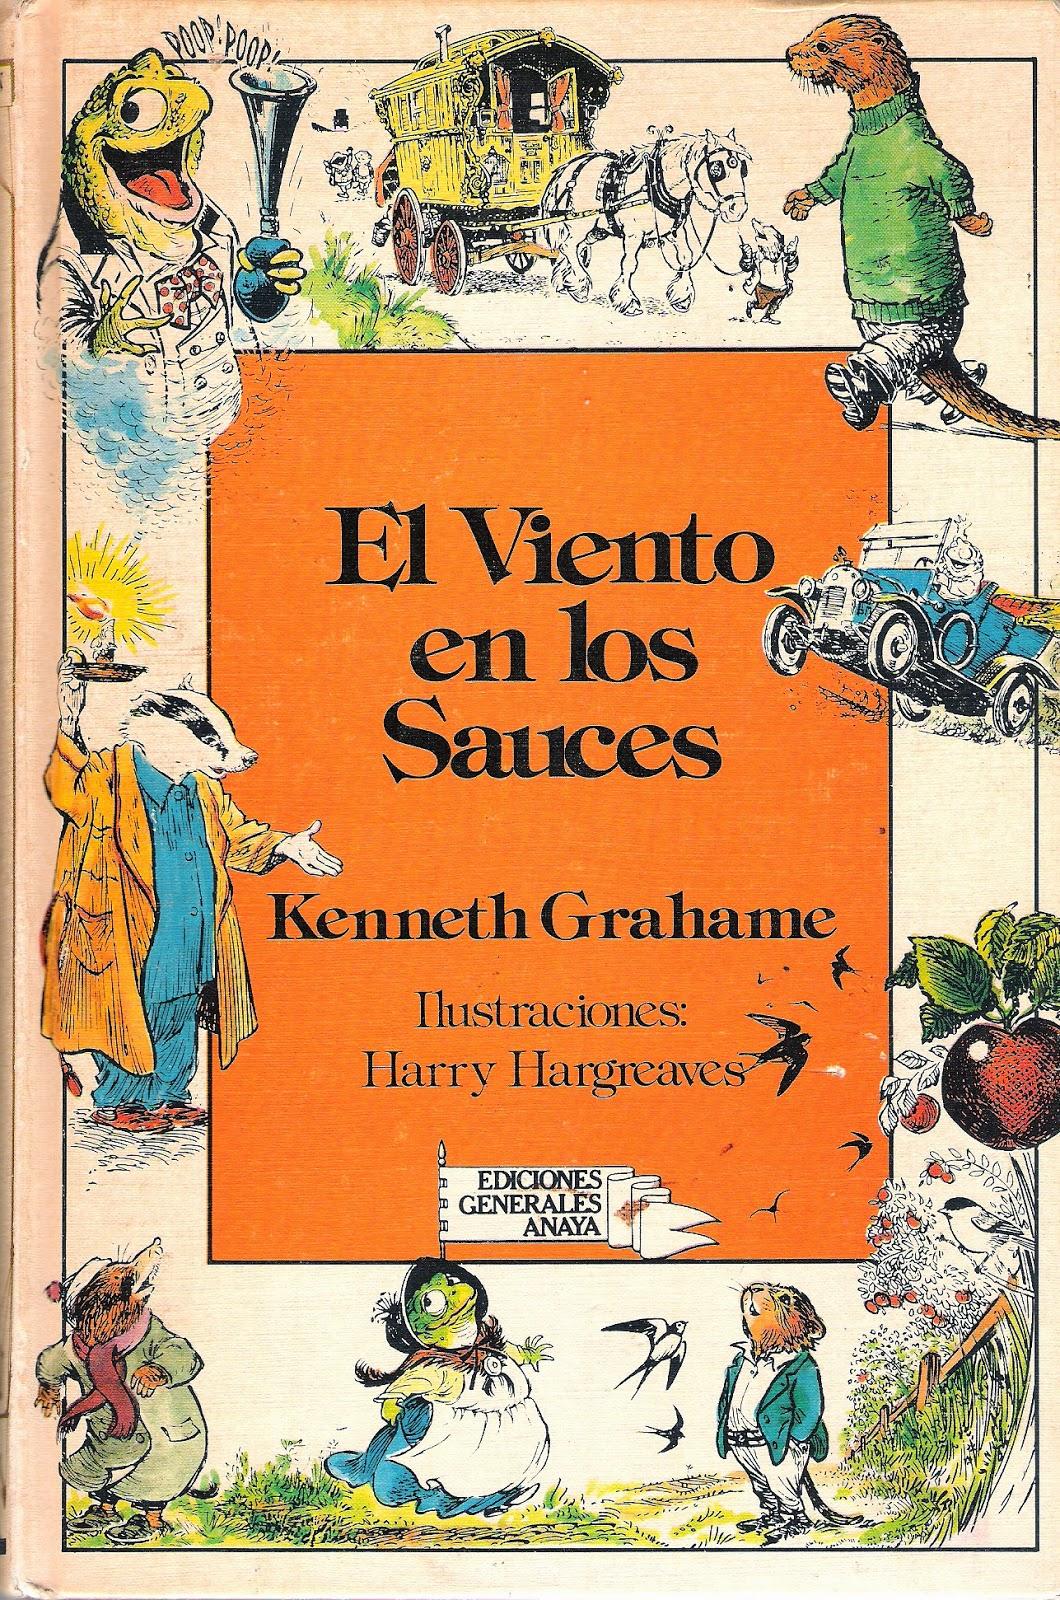 Grahame, Kenneth, El viento en los sauces, ed. Anaya, Madrid, 1983. Trad. Lourdes Huanqui. Ilustraciones Harry Hargreaves. Apéndice y notas Jeremy Baker.